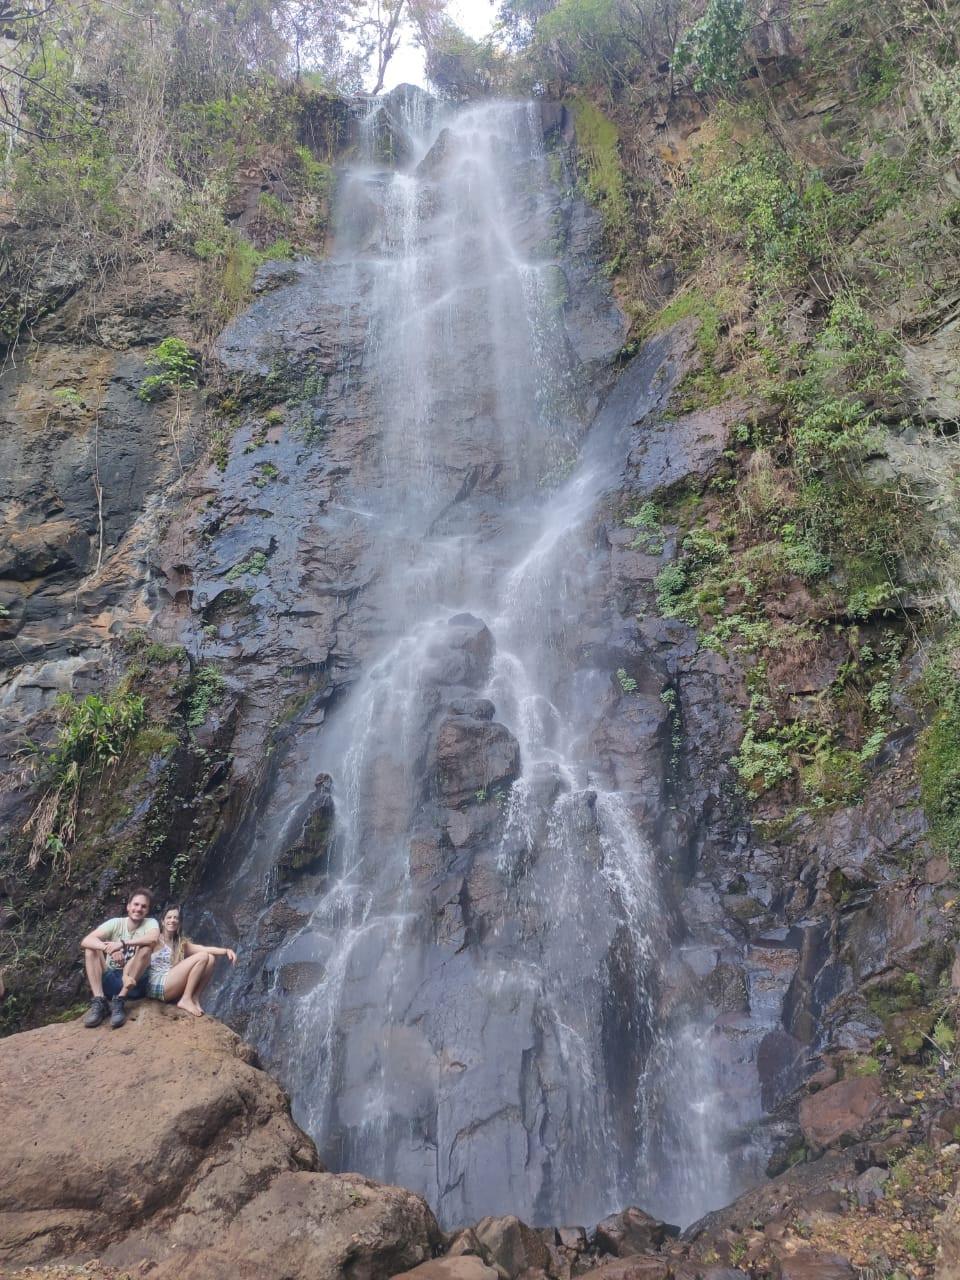 Cachoeira Campinho Brotas